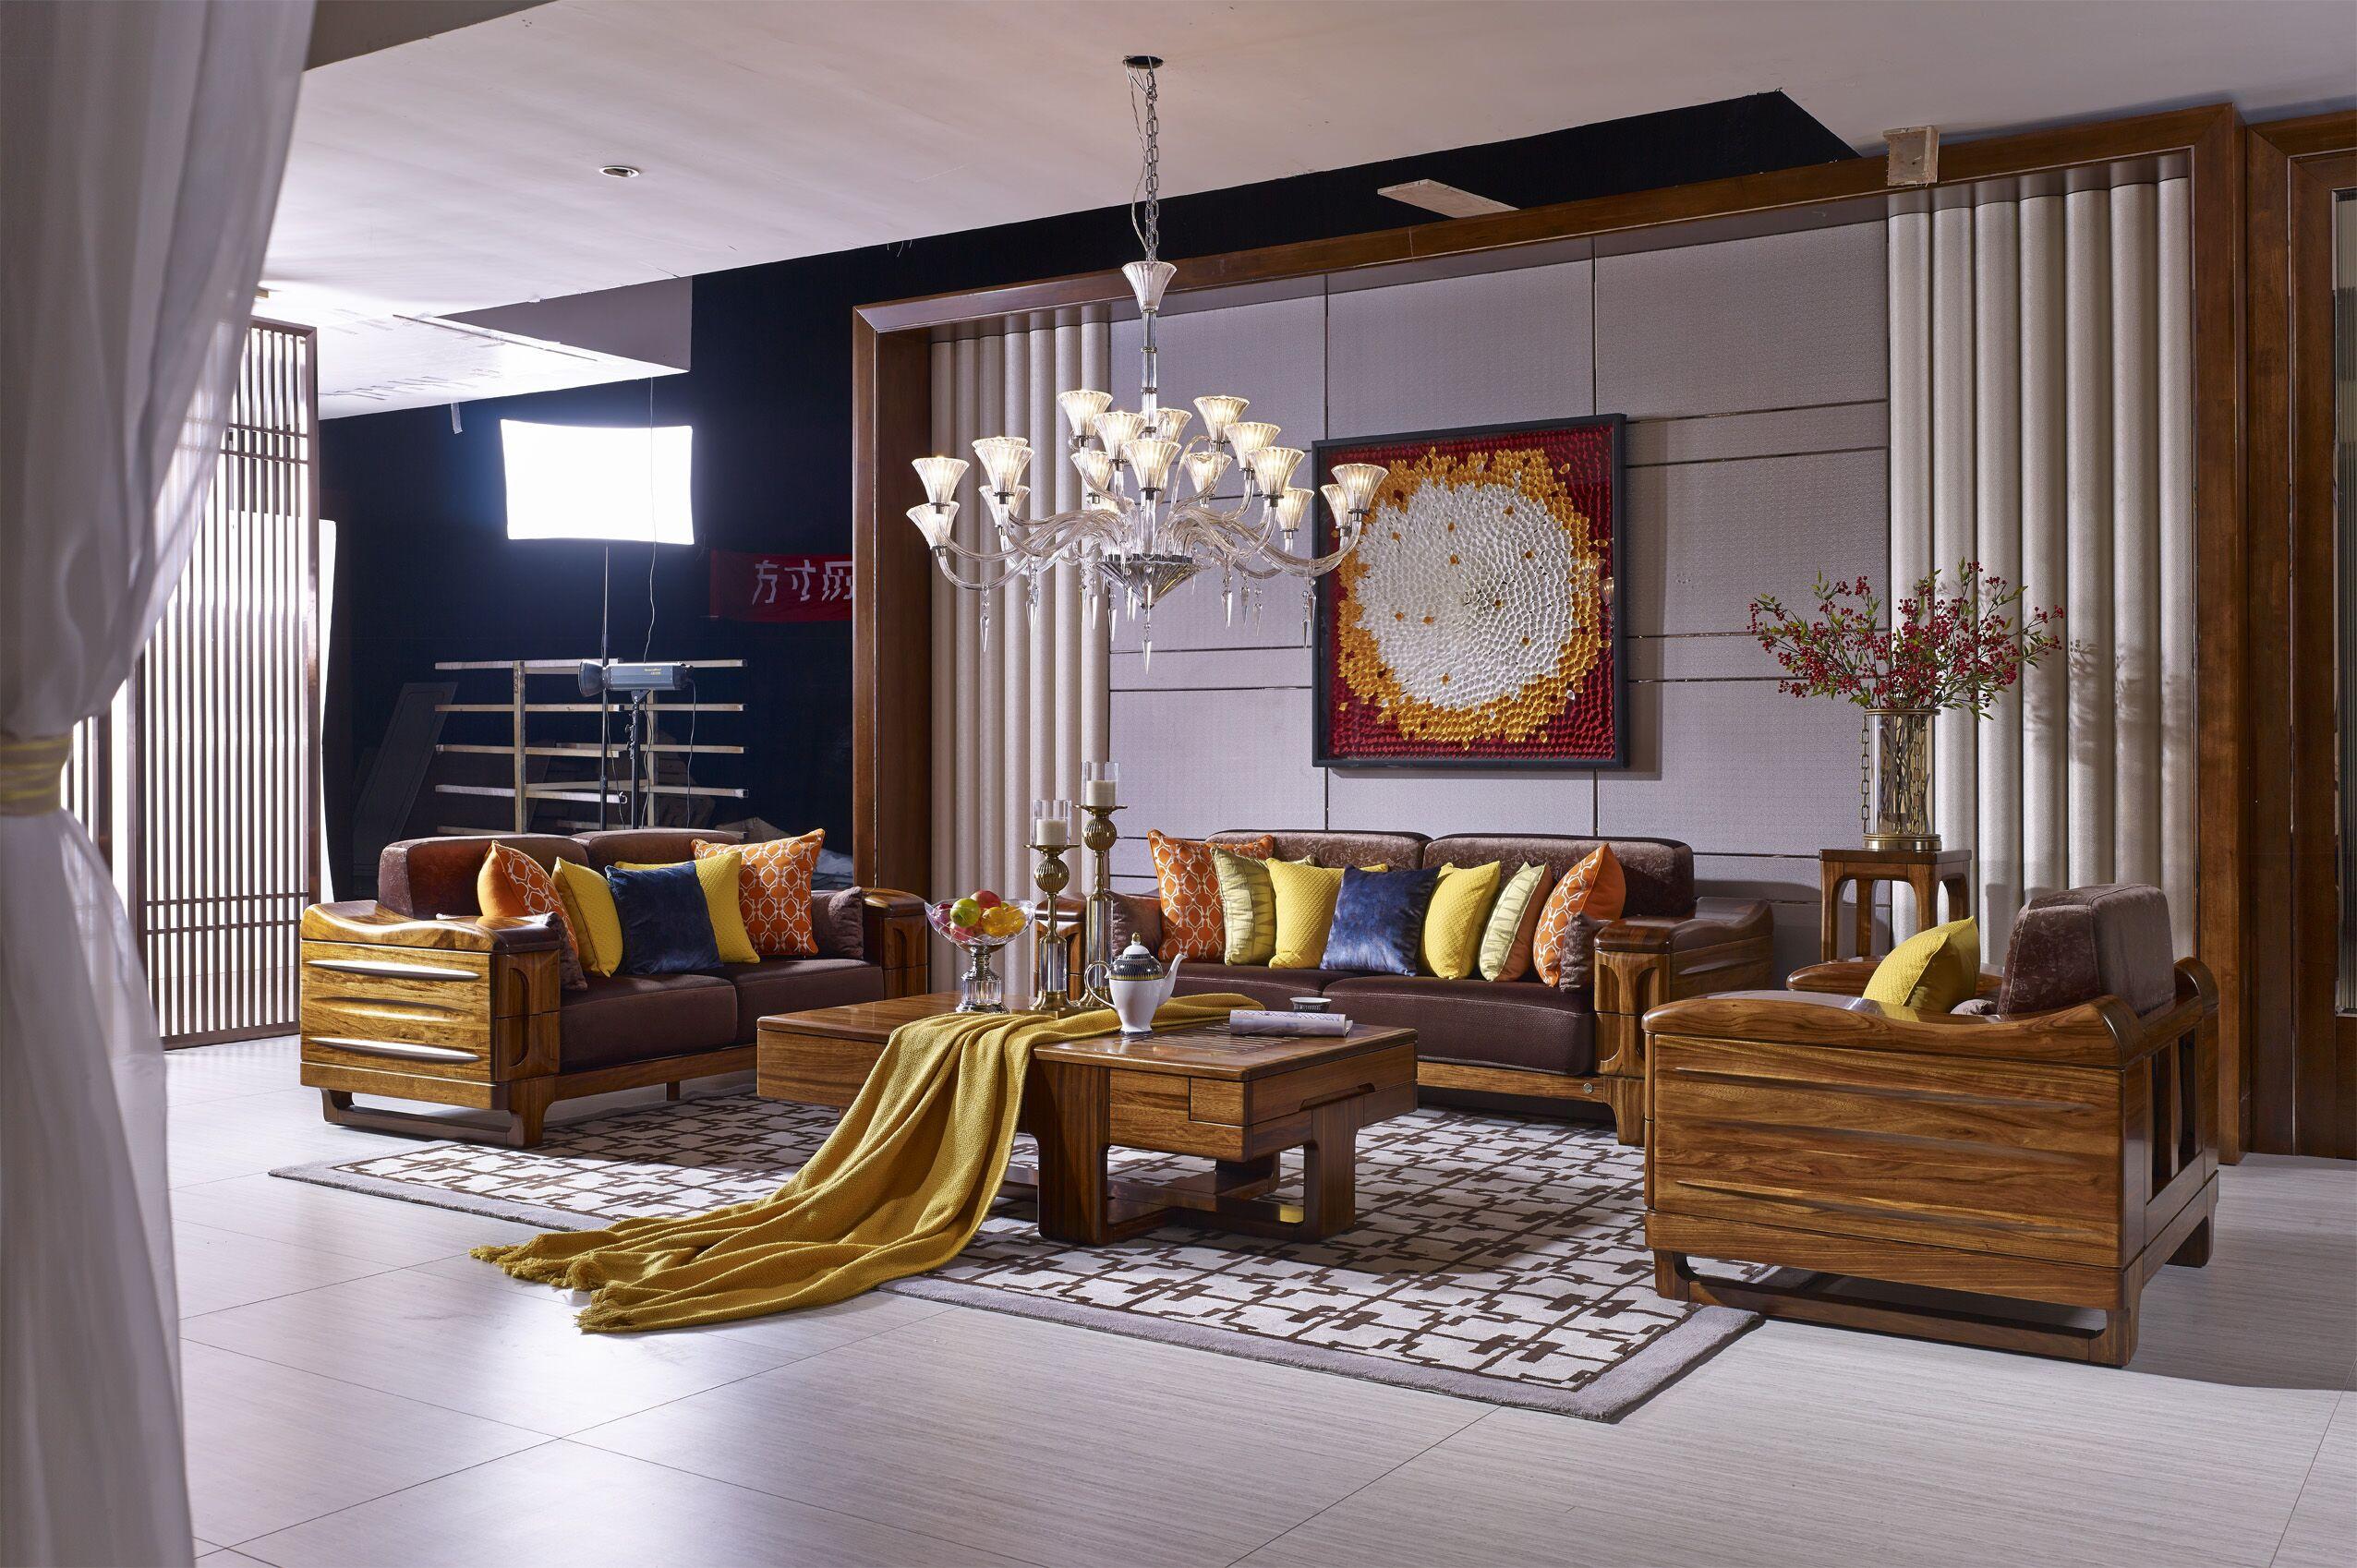 南洋迪克现代新派实木家具 乌金至品系列 实木沙发1+2+3